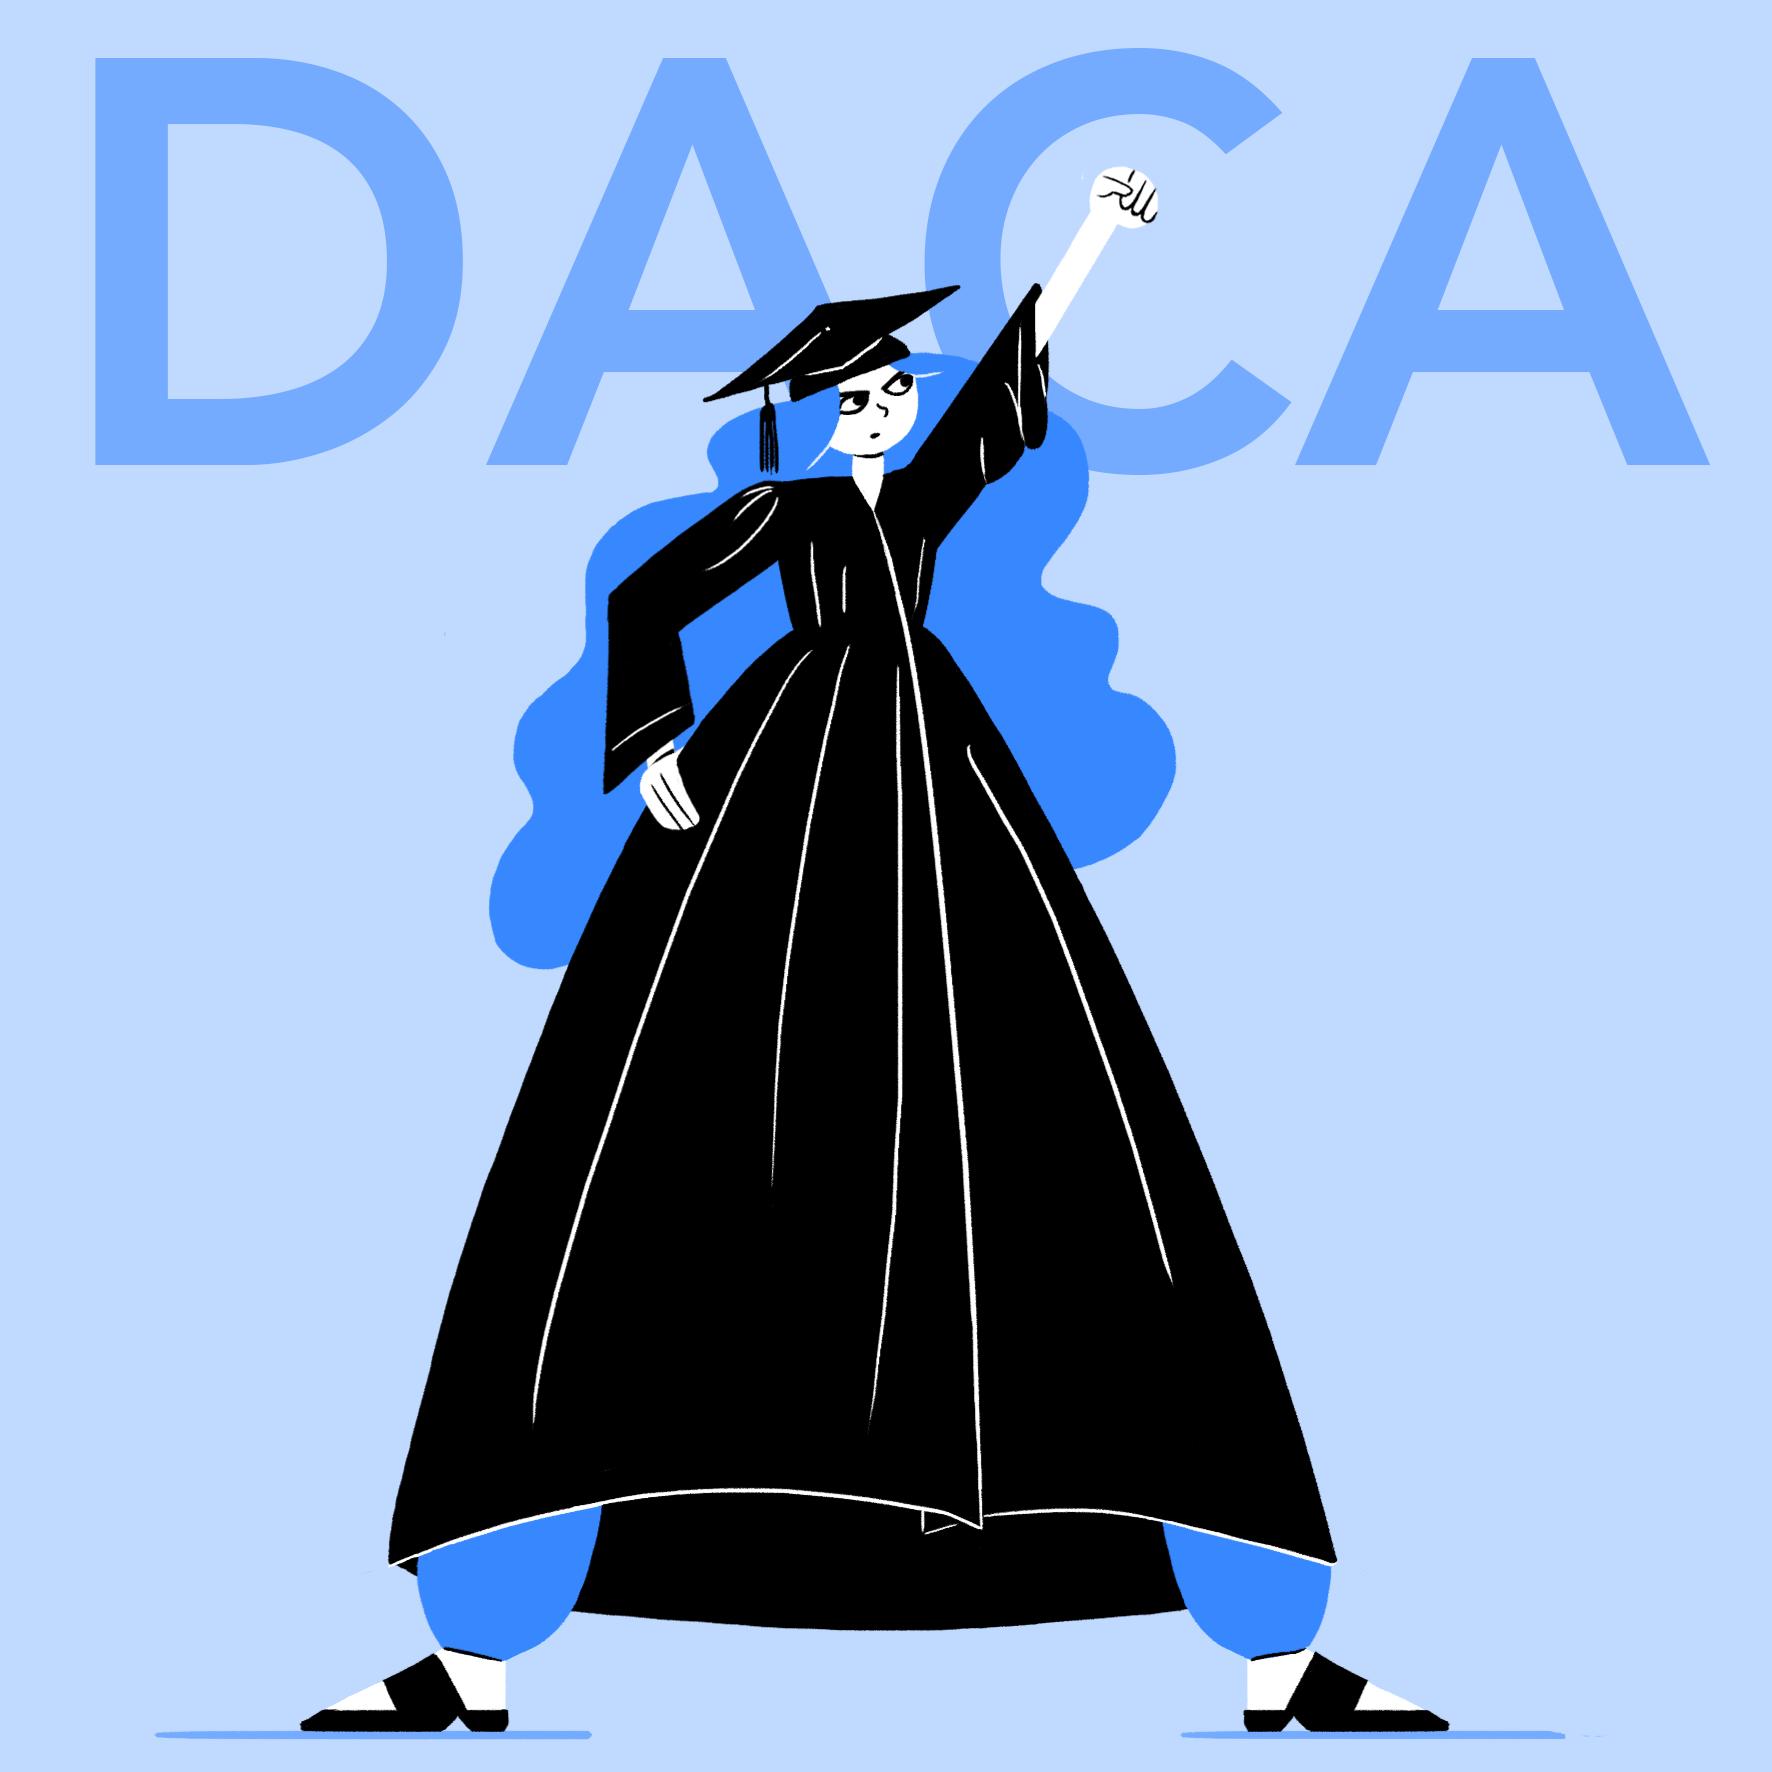 DefendDACA_01.png